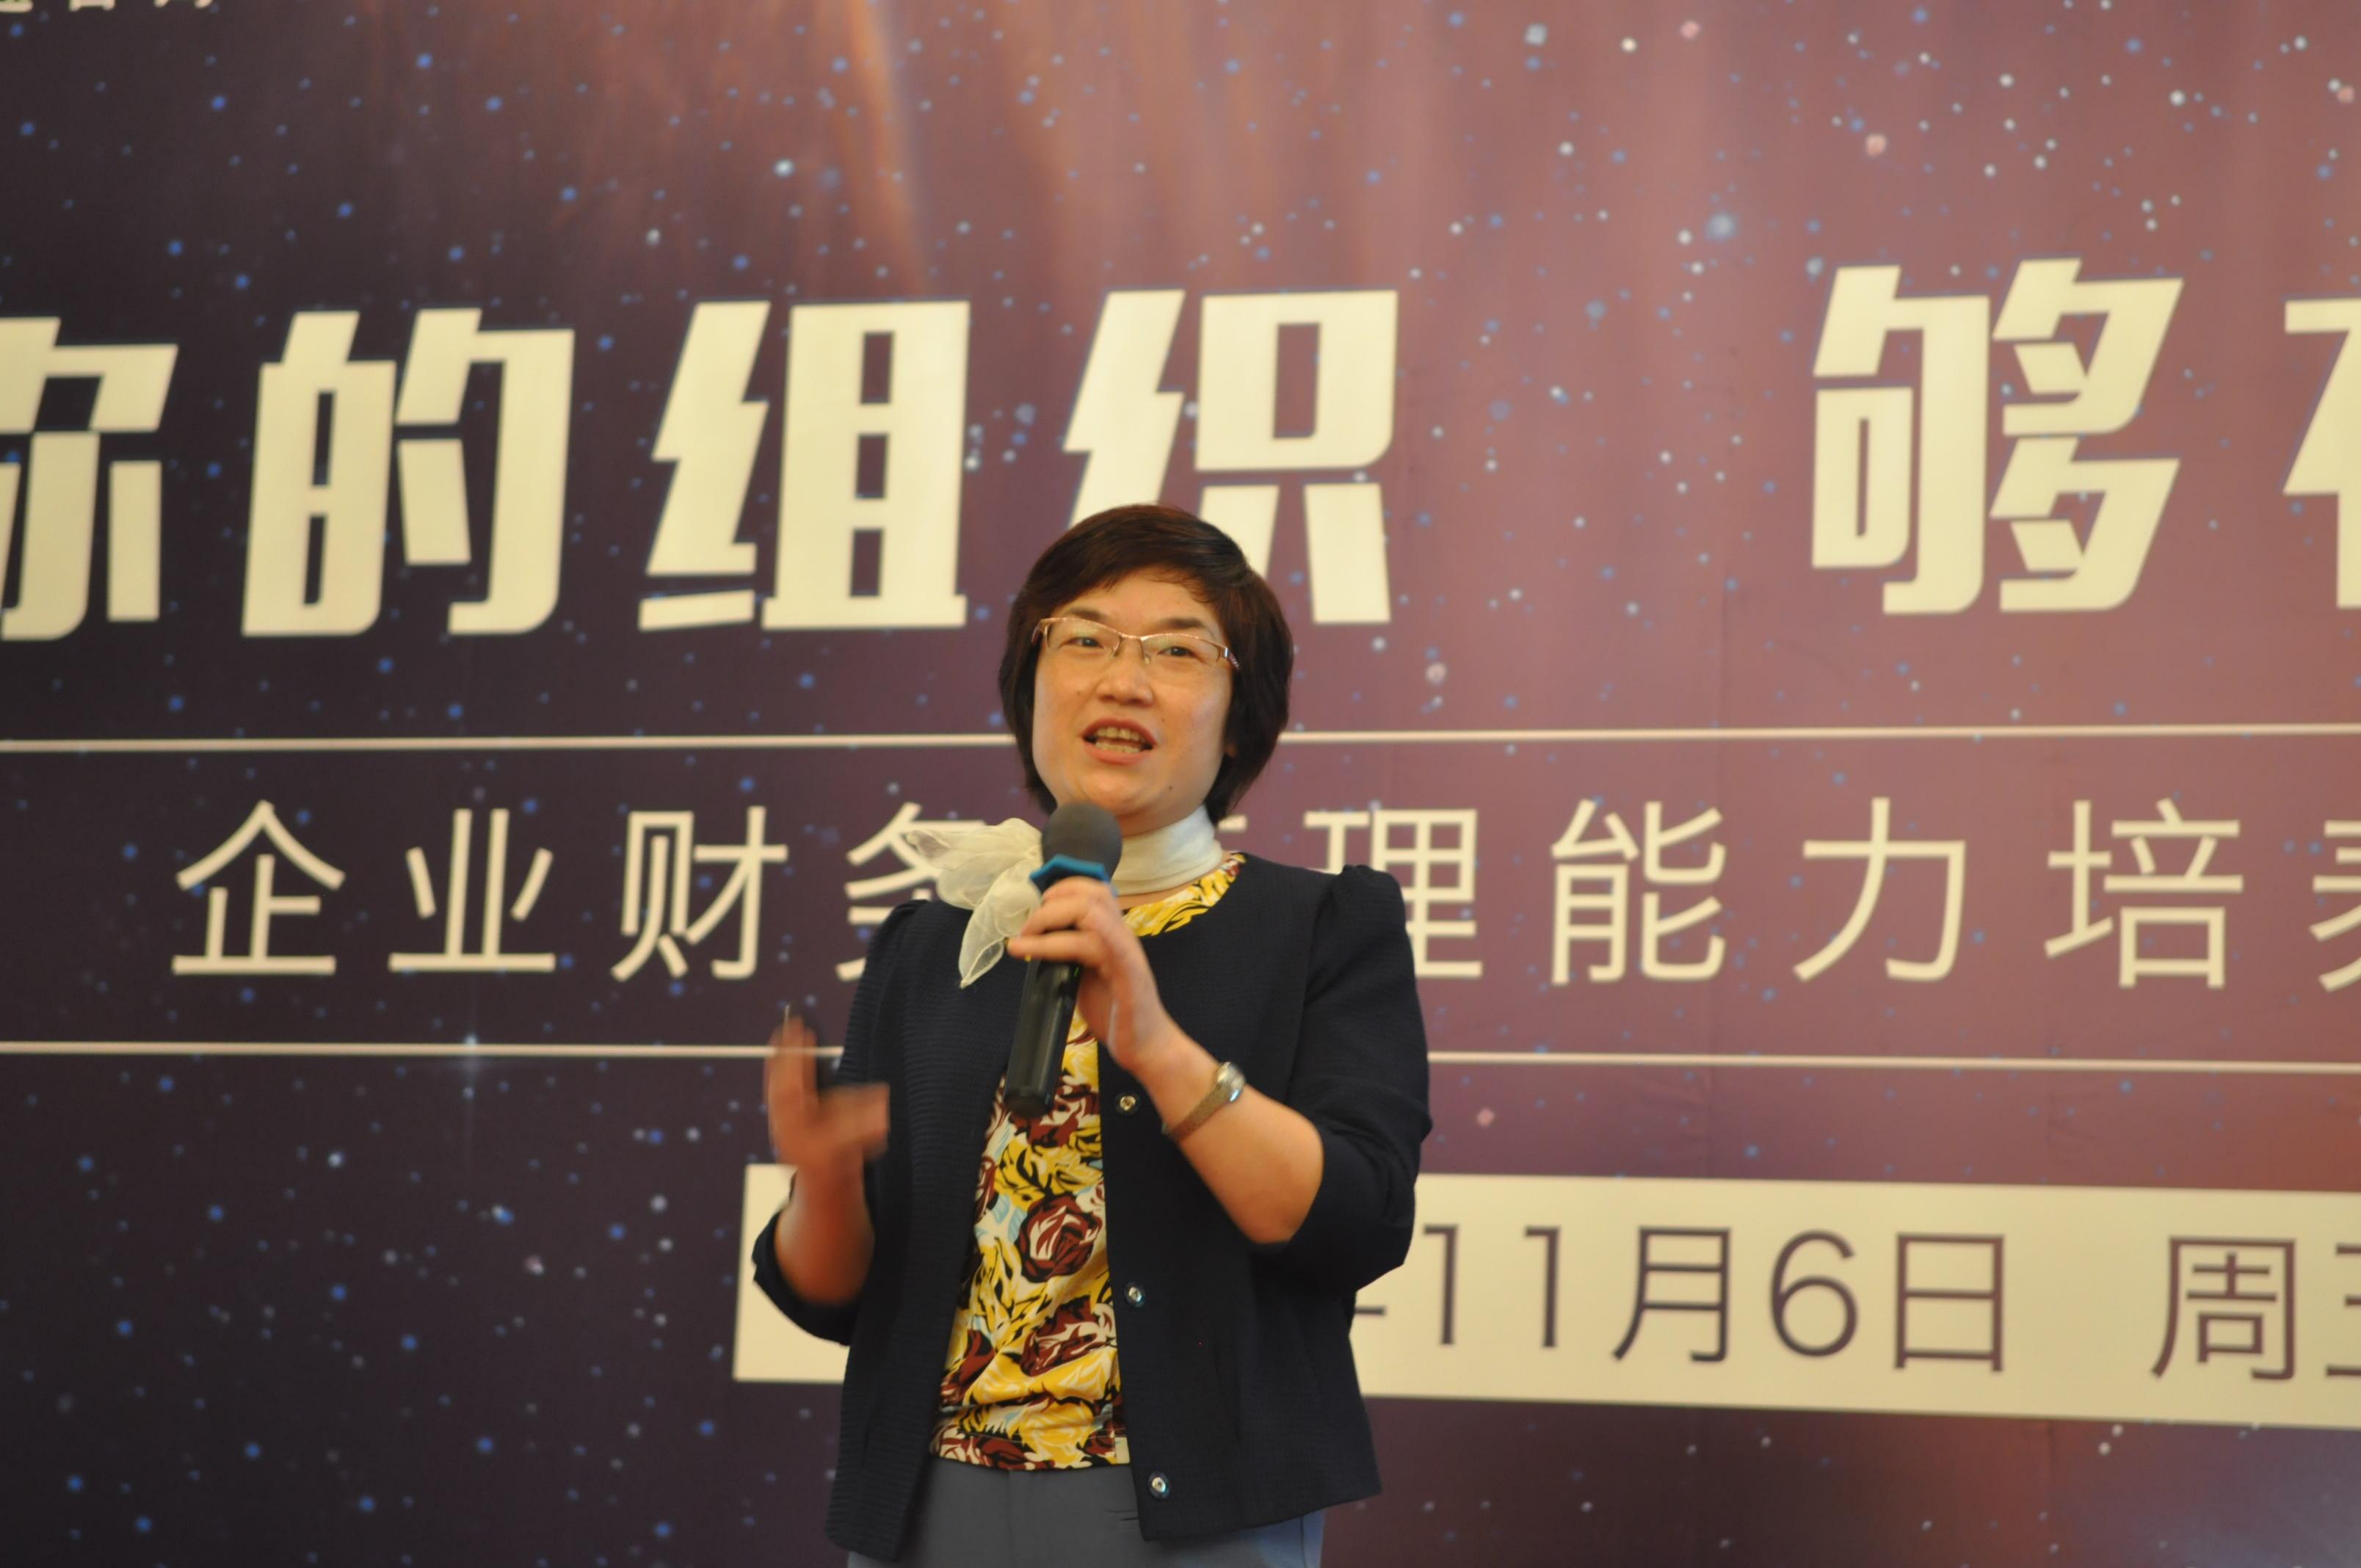 塑能科技(苏州)有限公司副总裁桂蓓照片